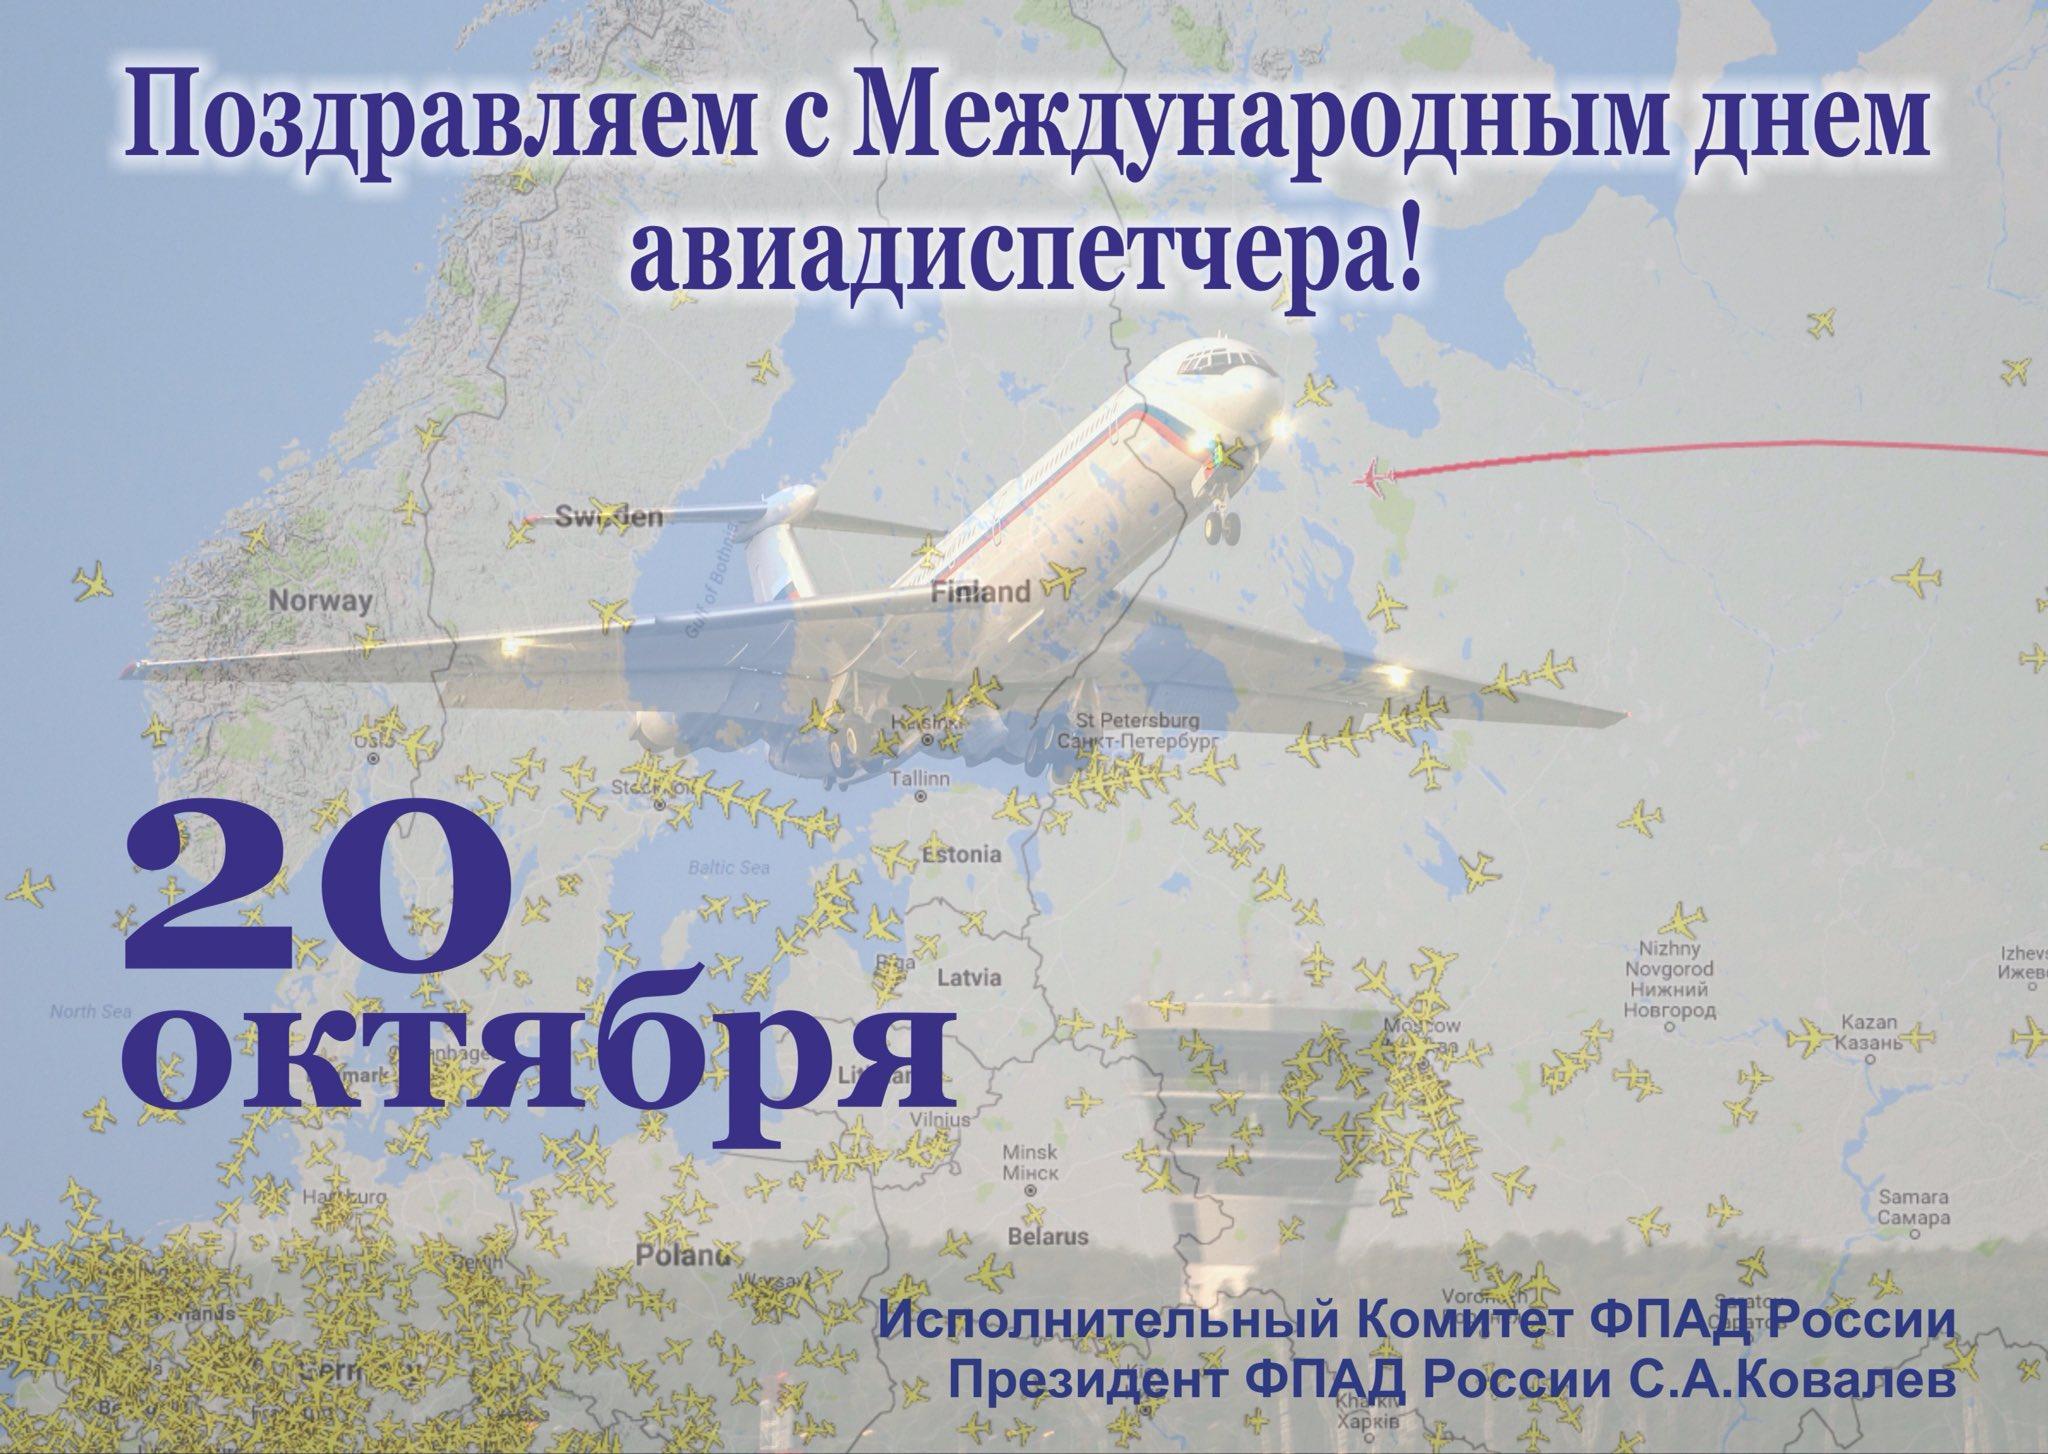 Картинки поздравления с днем авиадиспетчера